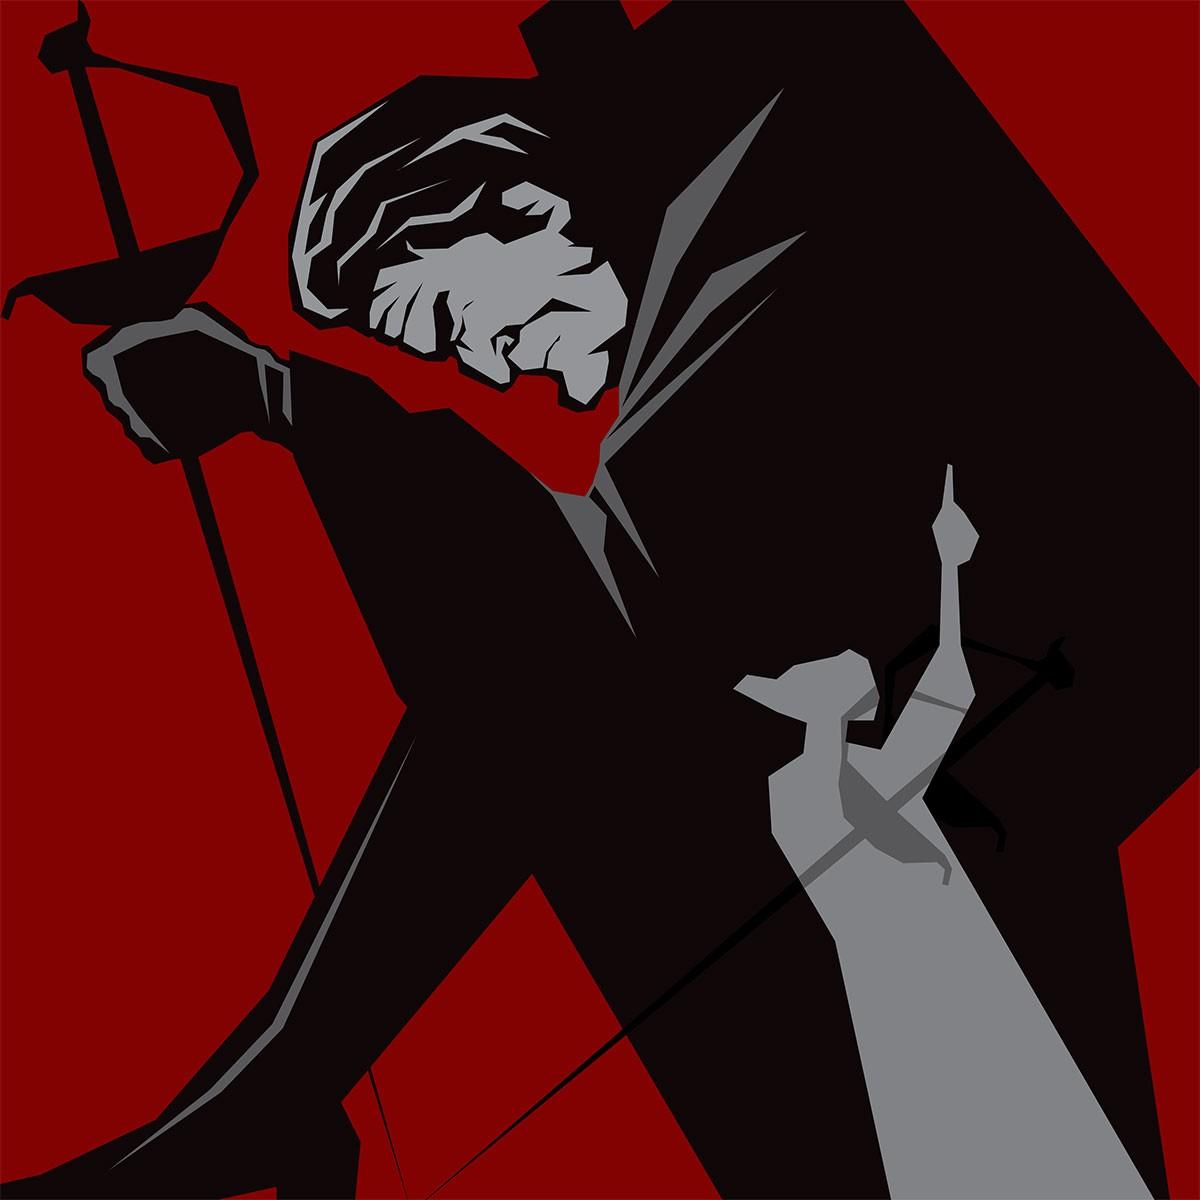 Воланд и Левий Матвей иллюстрация Дария Асадуллаева